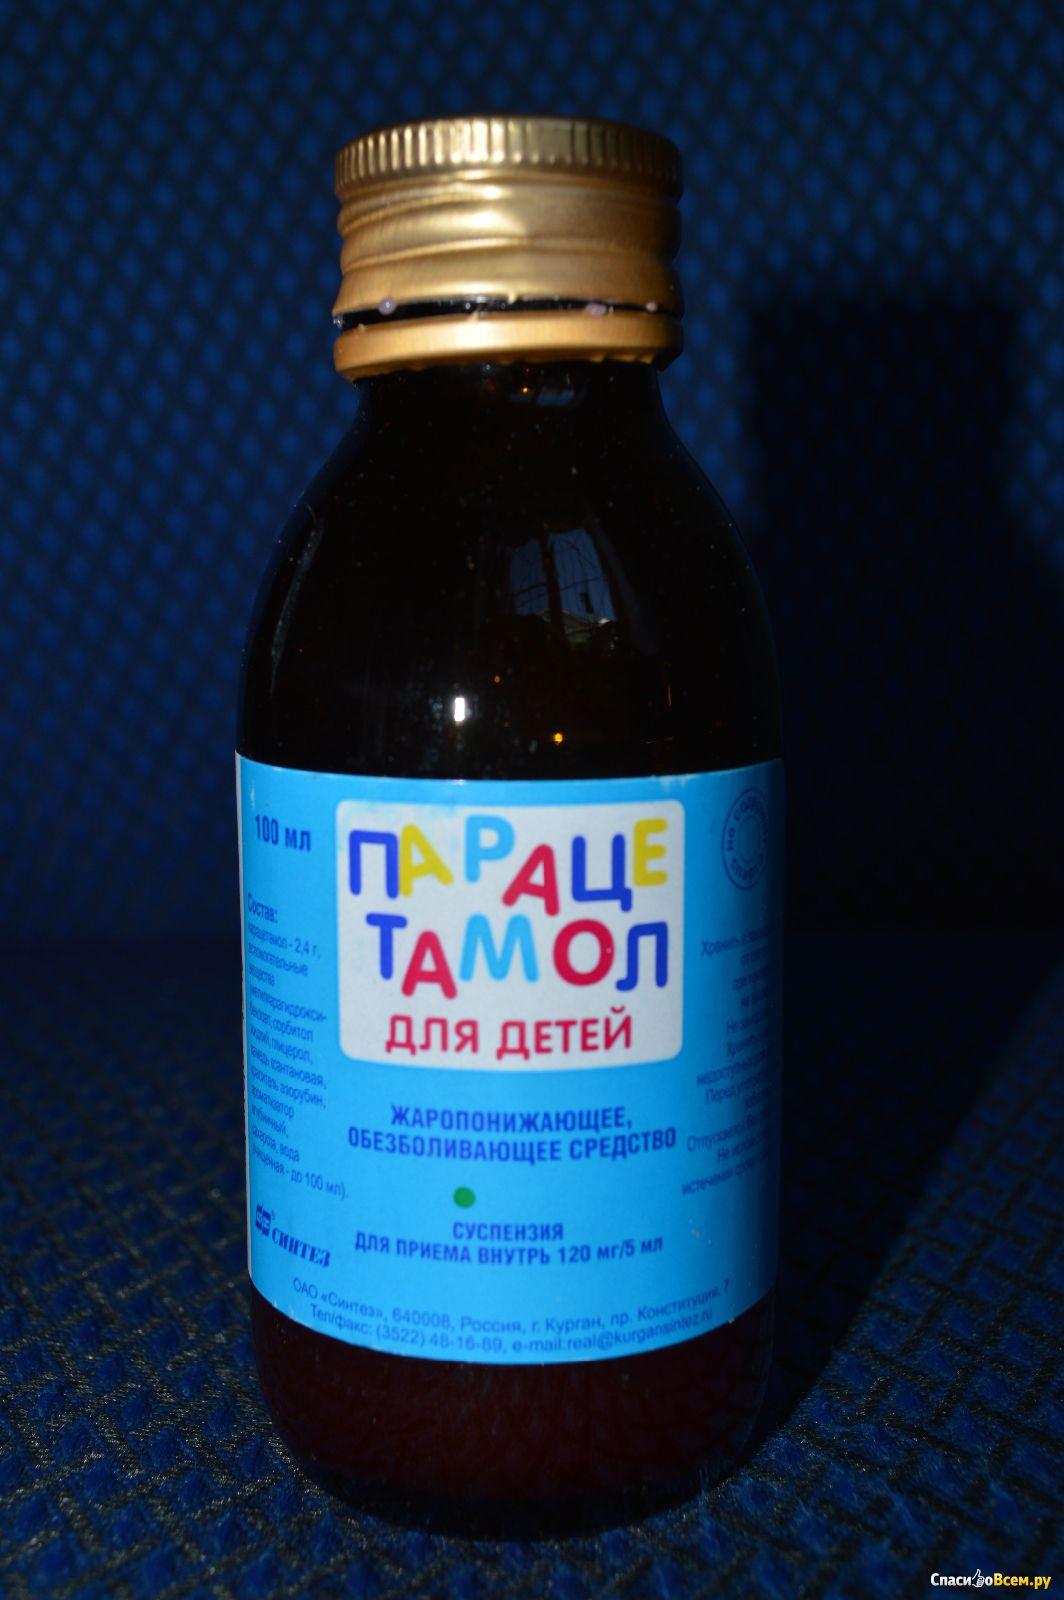 Парацетамол для детей инструкция фото